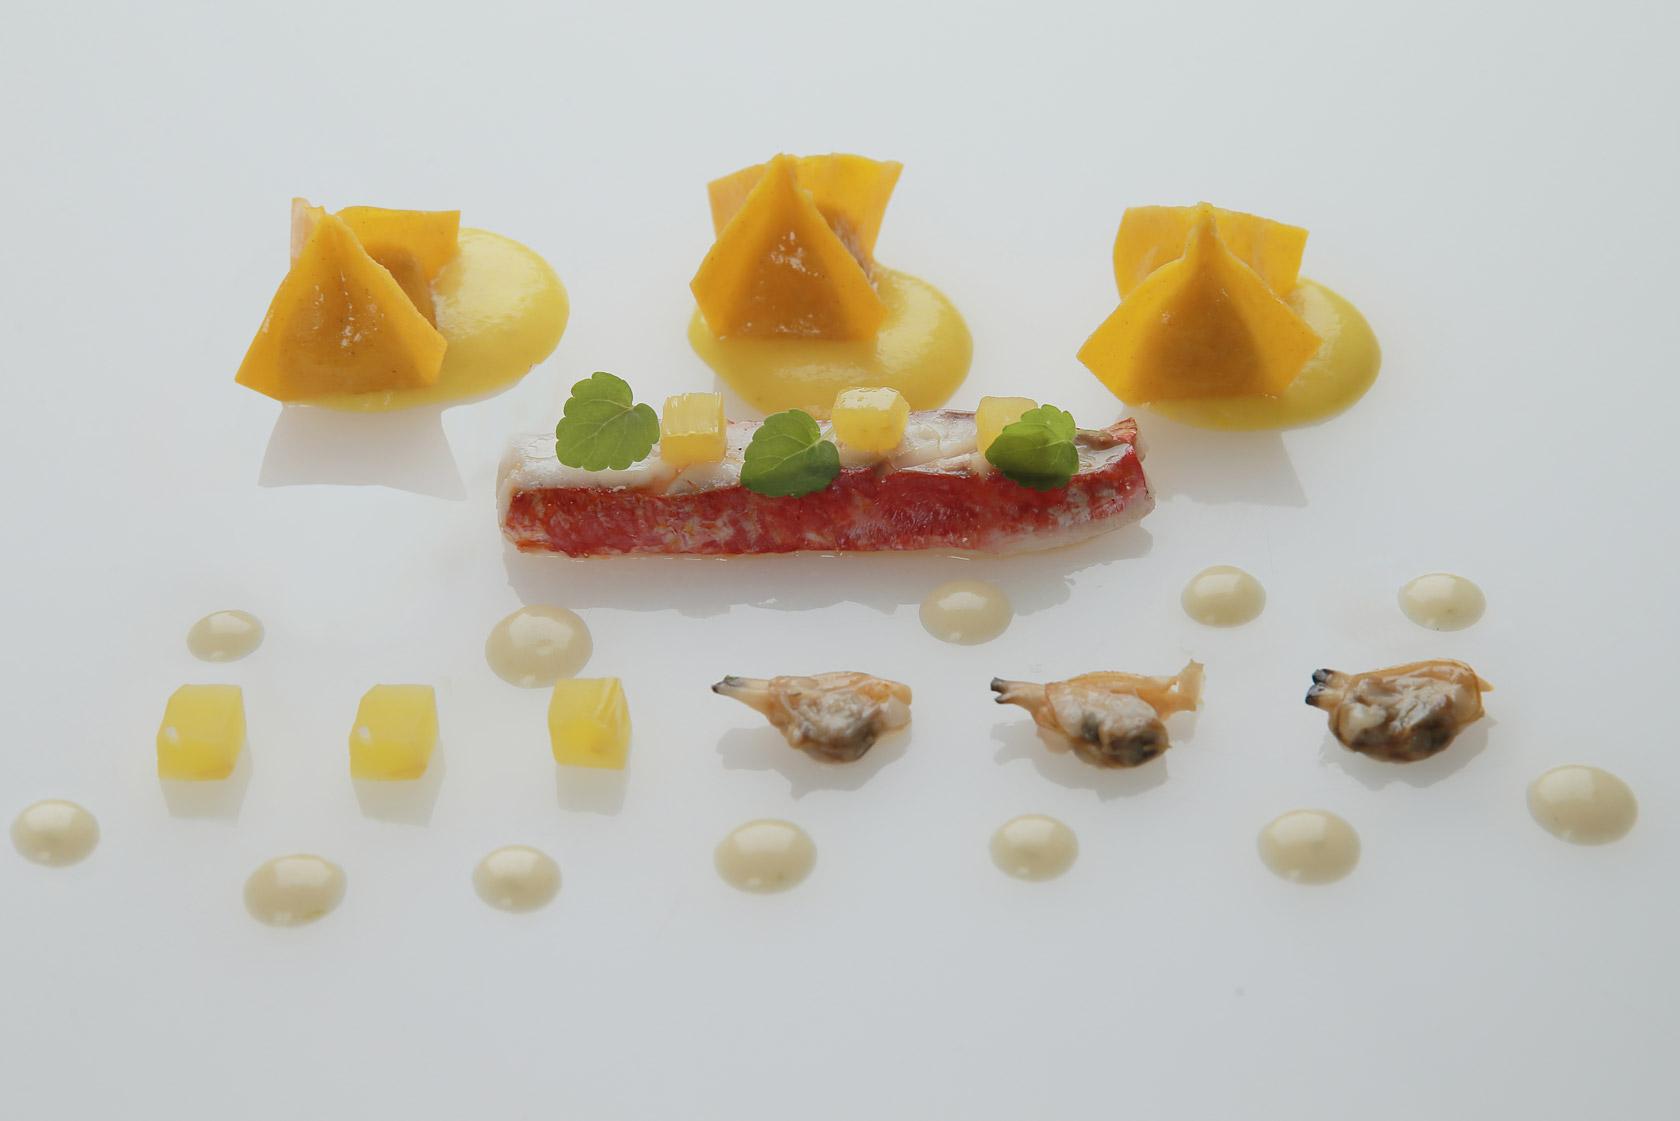 arnolfo_gaetano-trovato-chef-evoluzioni-contemporanee-3